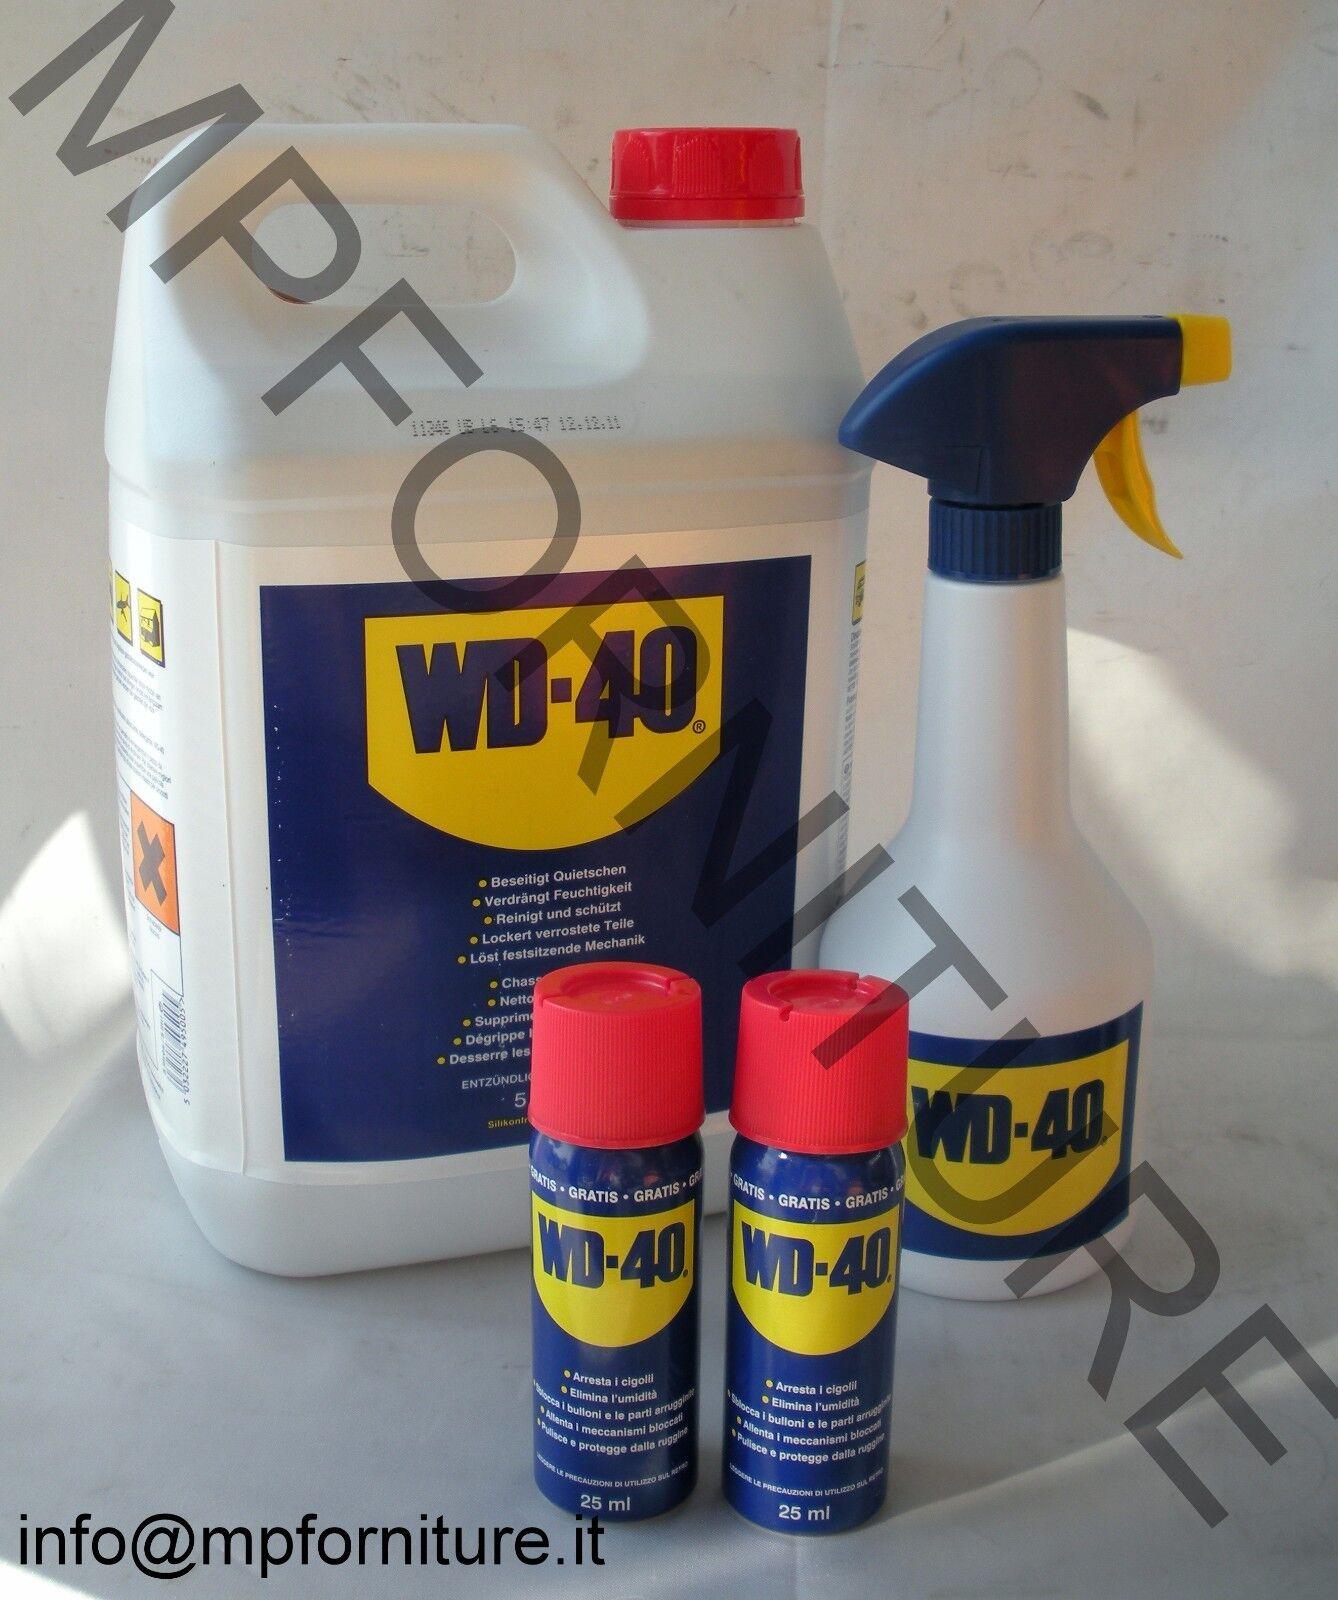 SPRAY WD-40 5 lt + OMAGGIO WD40 WD 40 LUBRIFICANTE SBLOCCANTE 5lt anti umidità